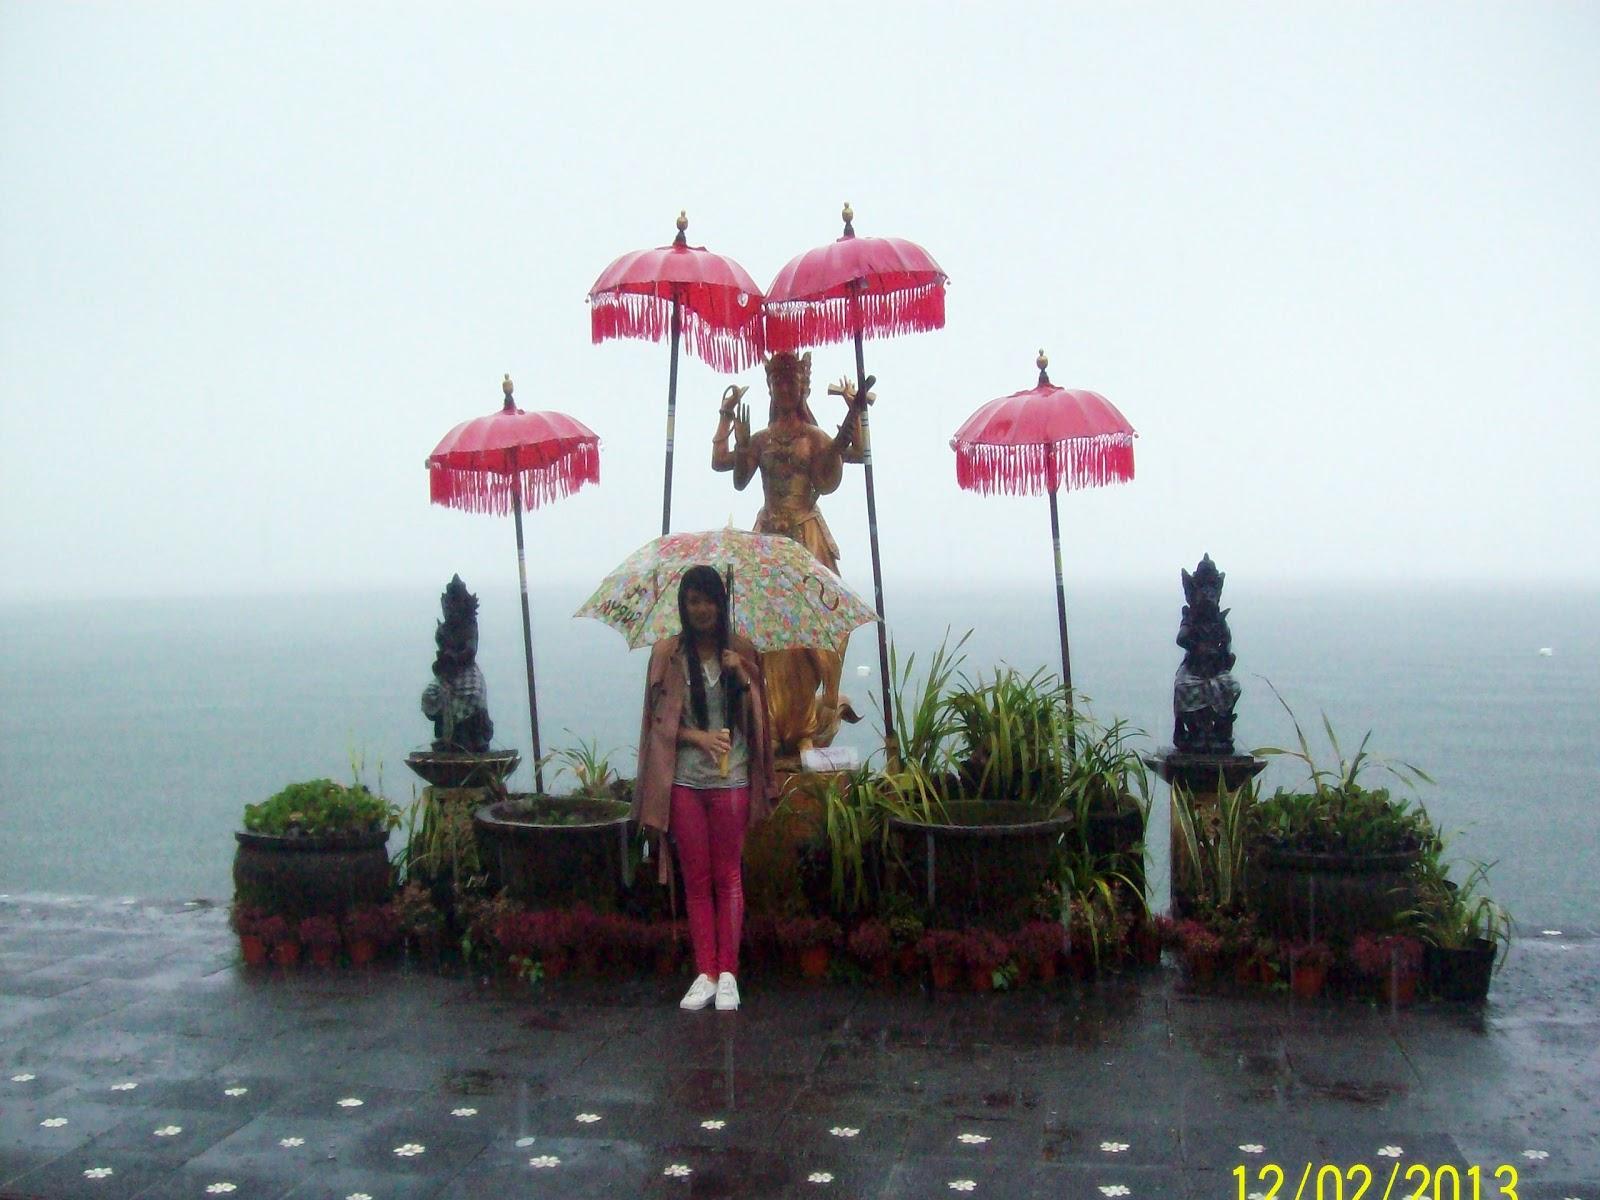 Contoh Laporan Study Tour Ke Bali Dalam Bahasa Inggris ...